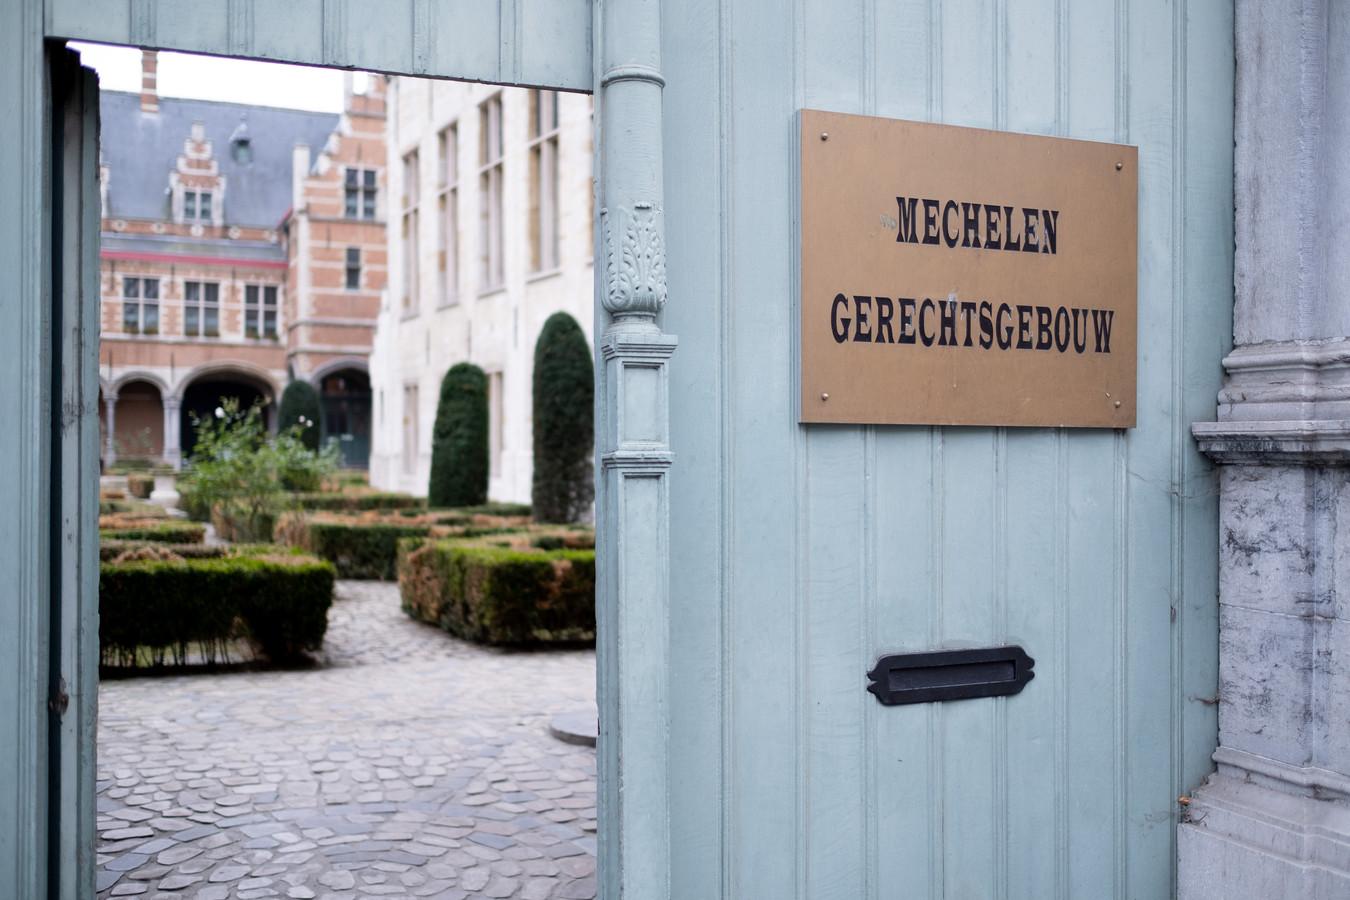 Het gerechtsgebouw in Mechelen.